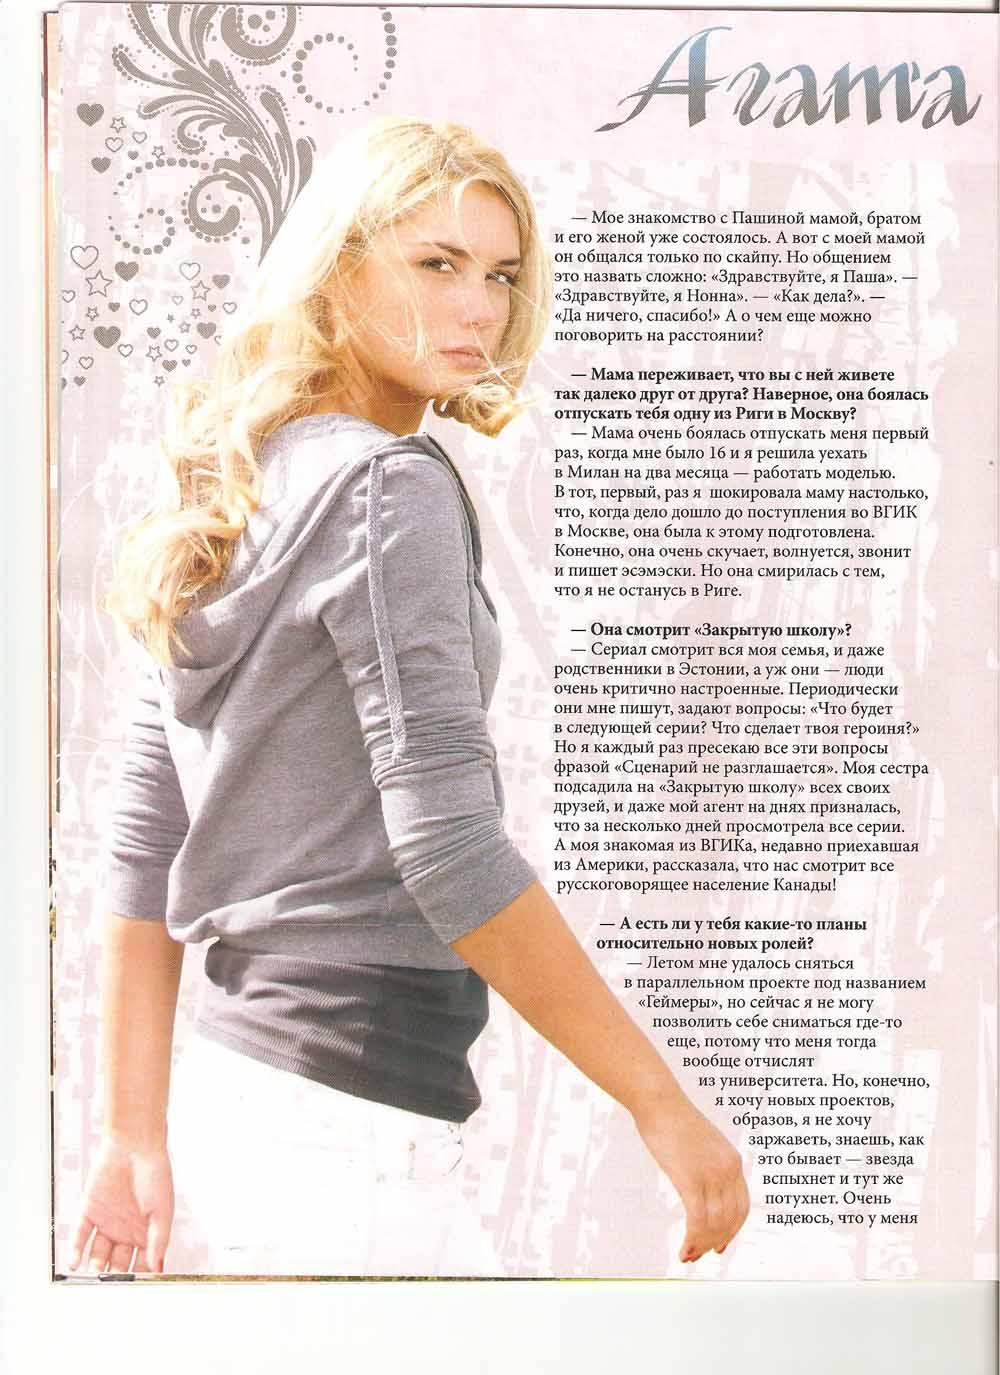 Фото из журнала настоящие жены 2 фотография